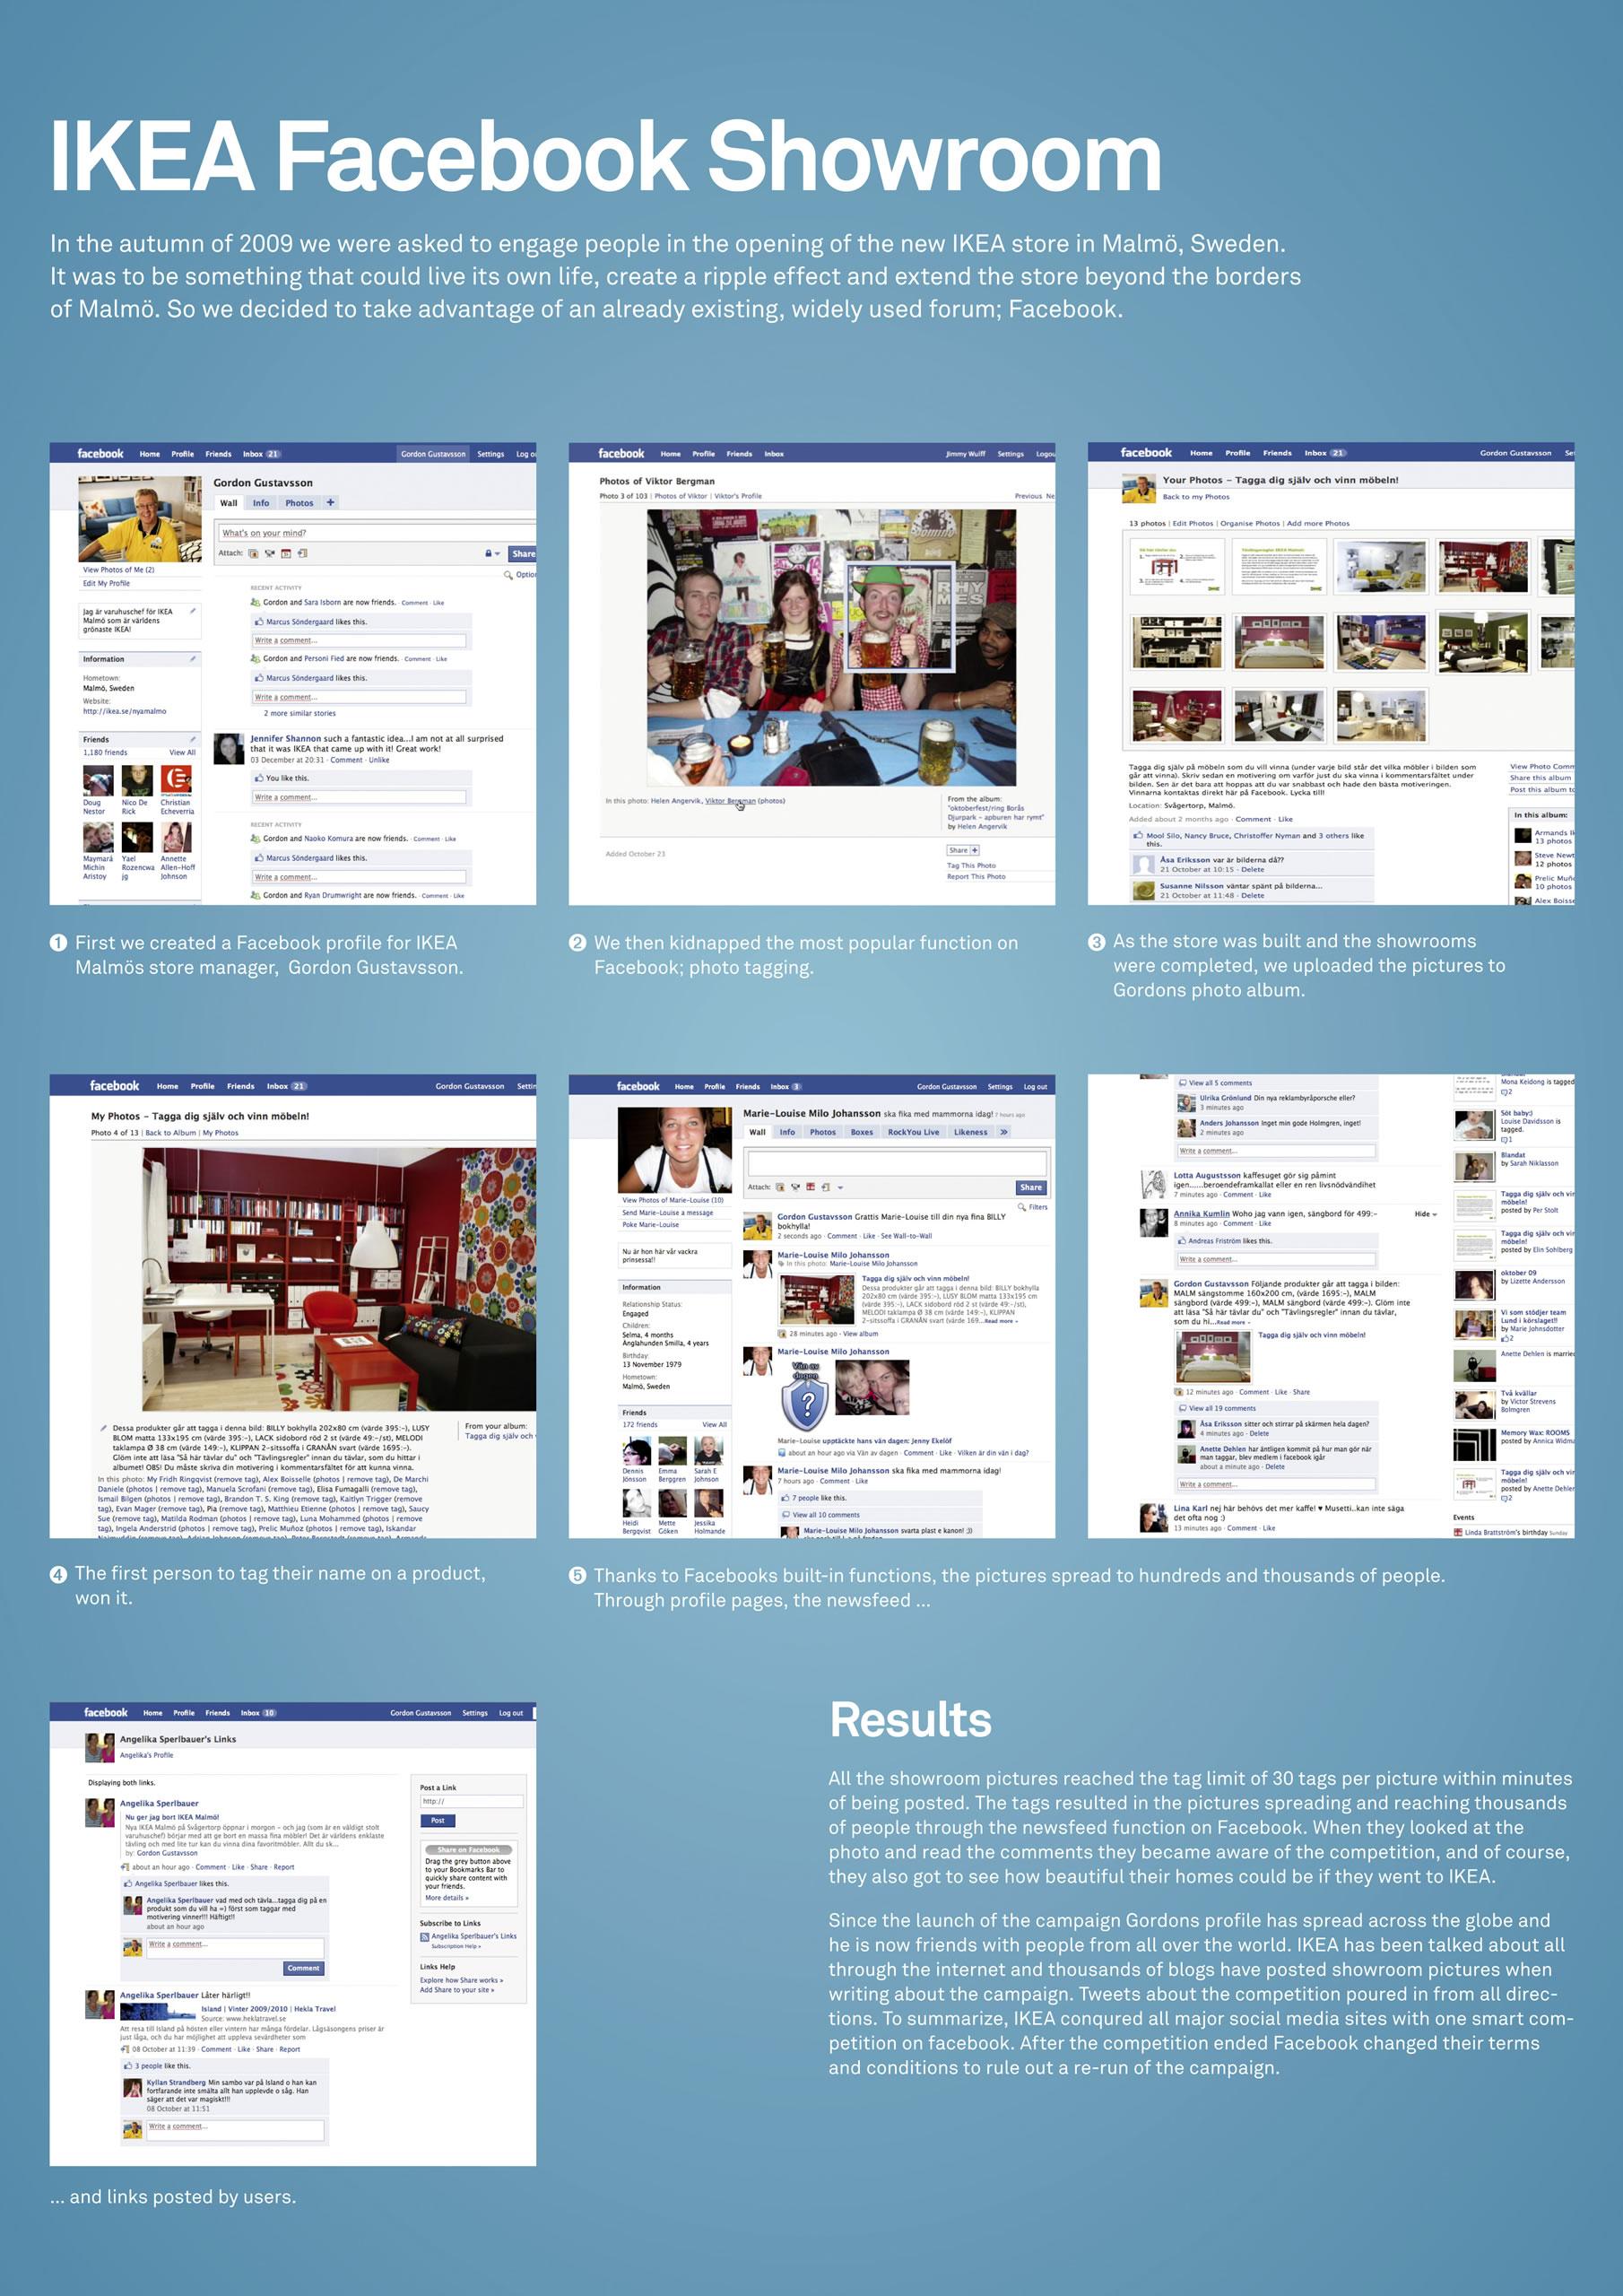 http://www.ibelieveinadv.com/commons/IKEA_-_Facebook_Showroom.jpg